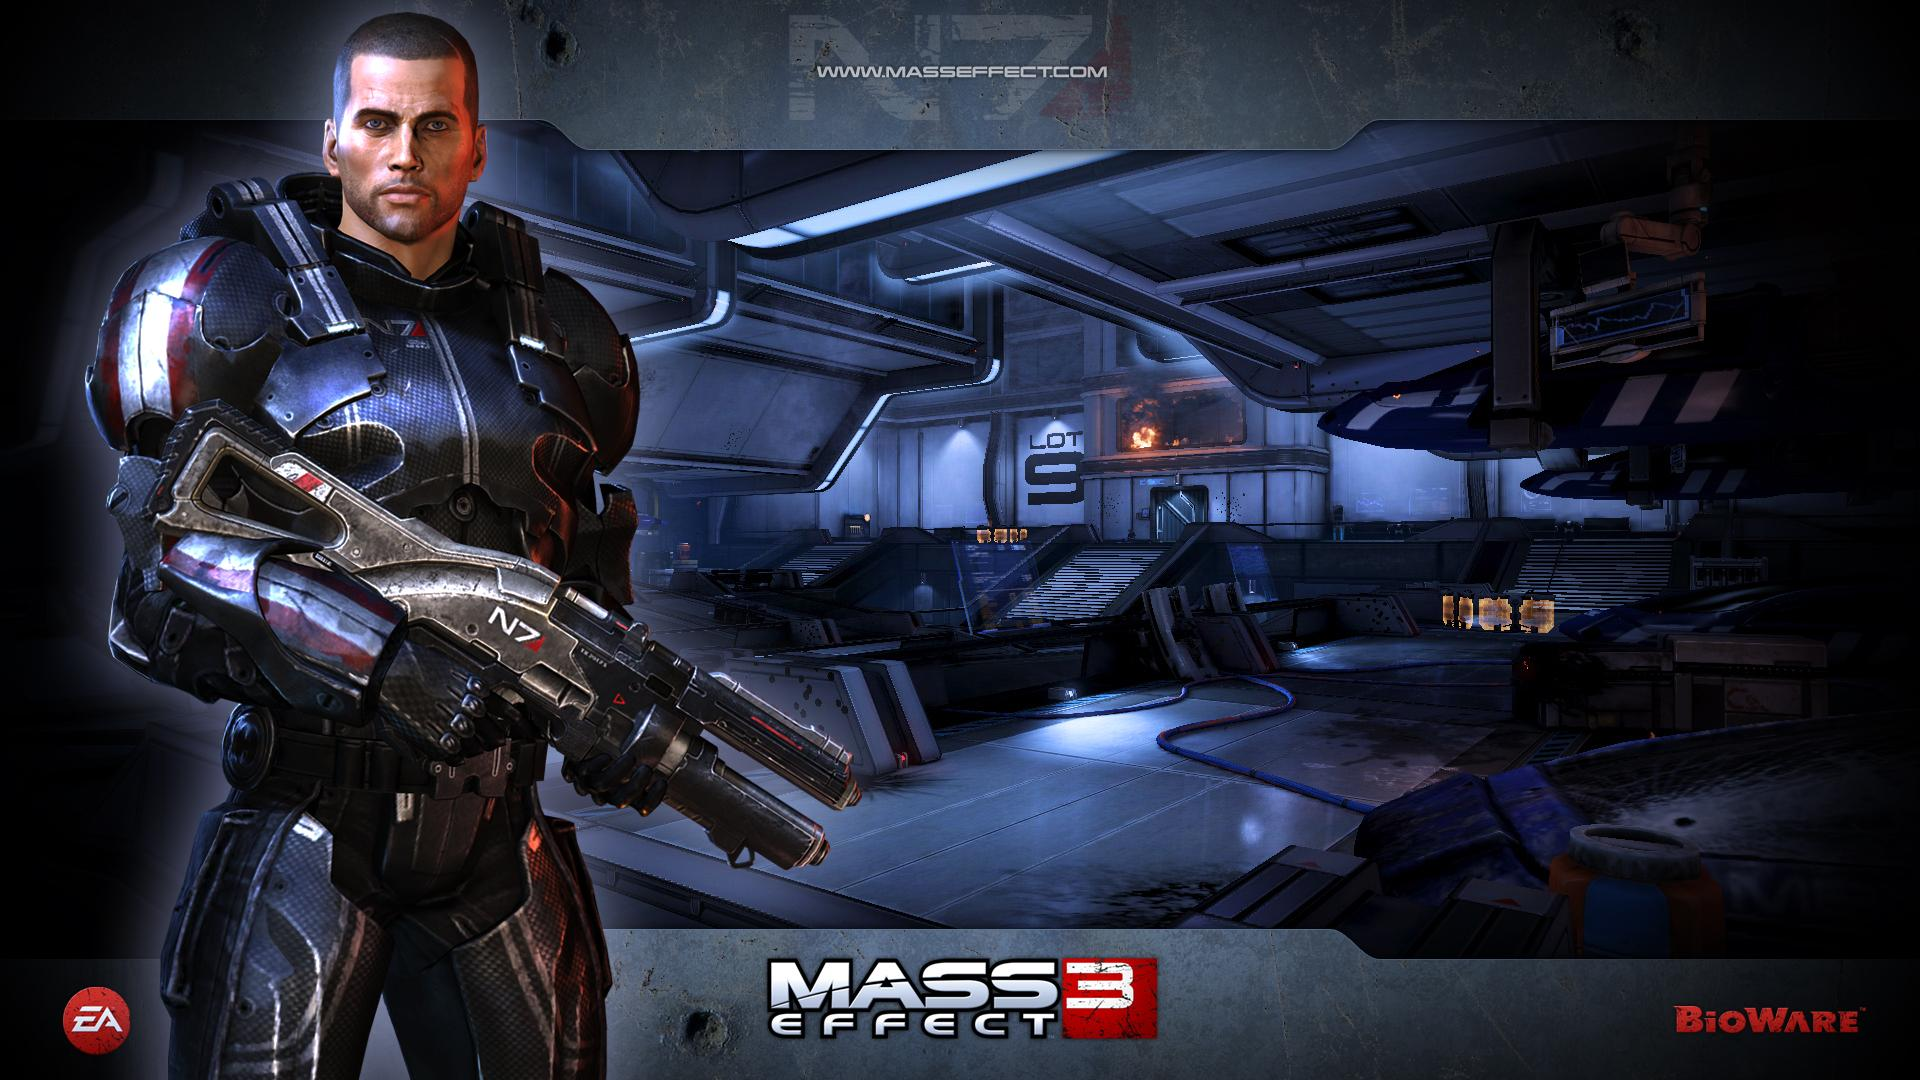 10 Cool Mass Effect 3 Wallpapers 1920x1080